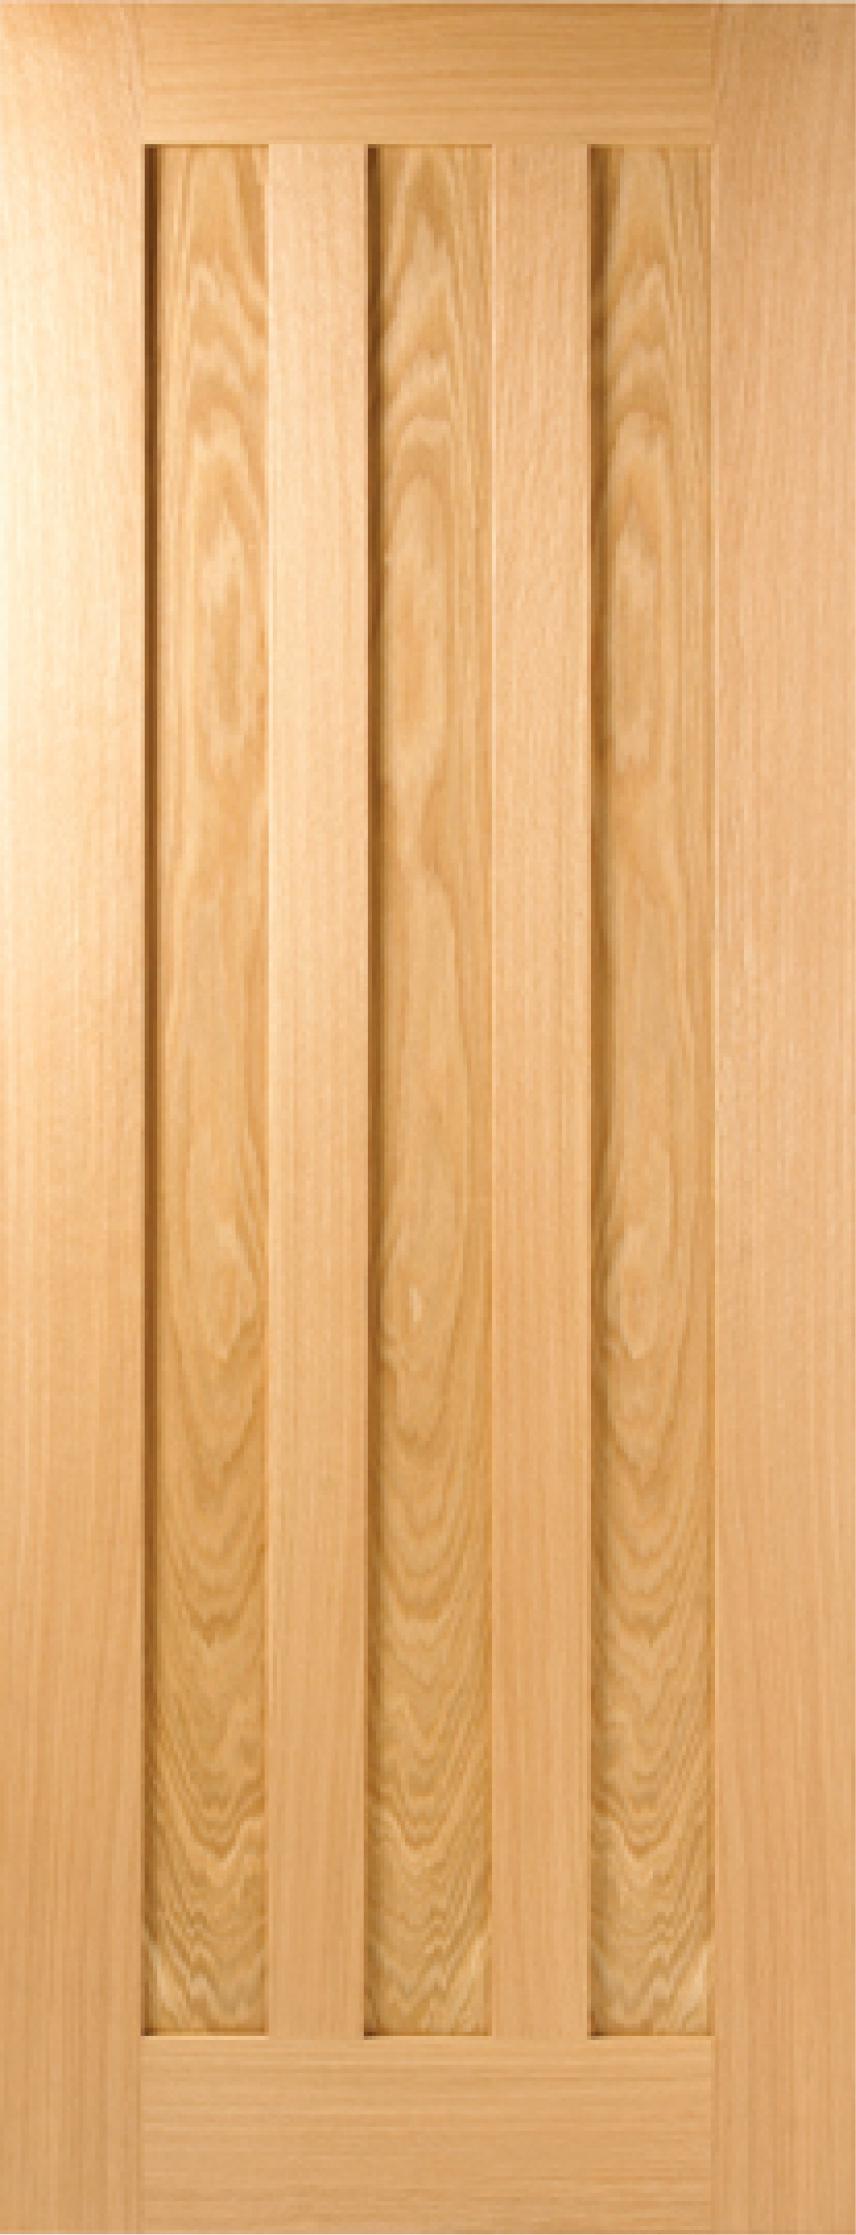 Oak Aston Panel